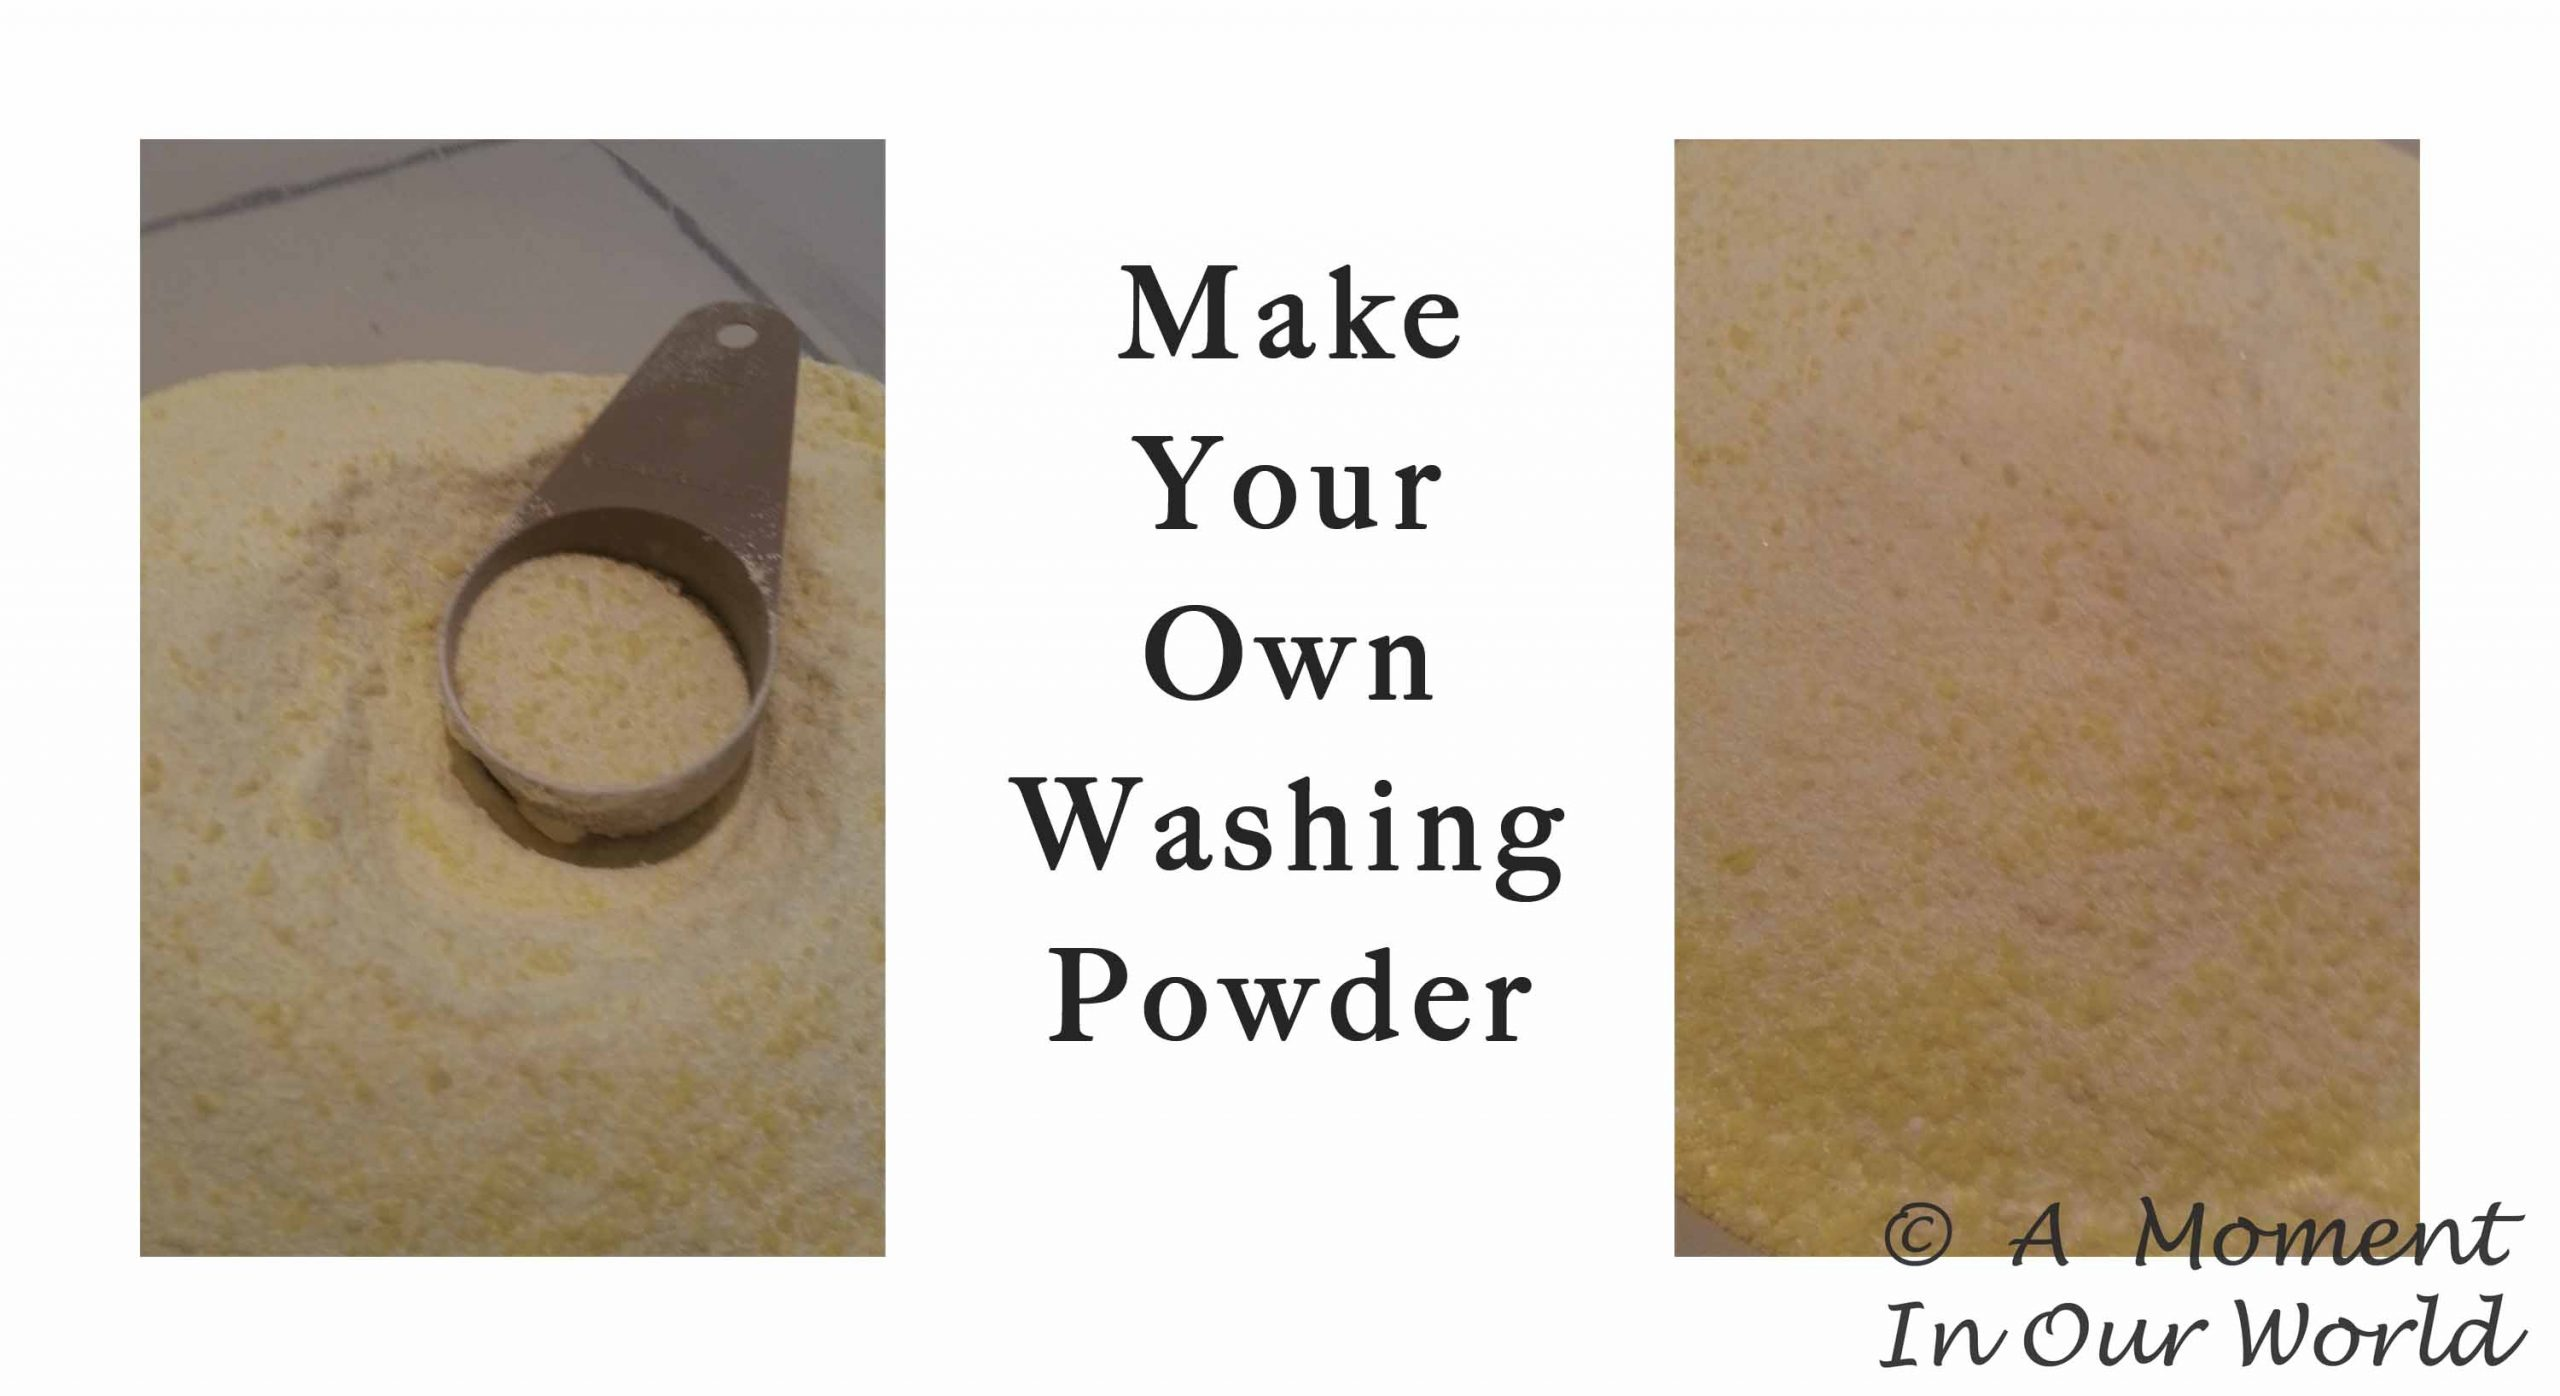 Make your own Washing Powder